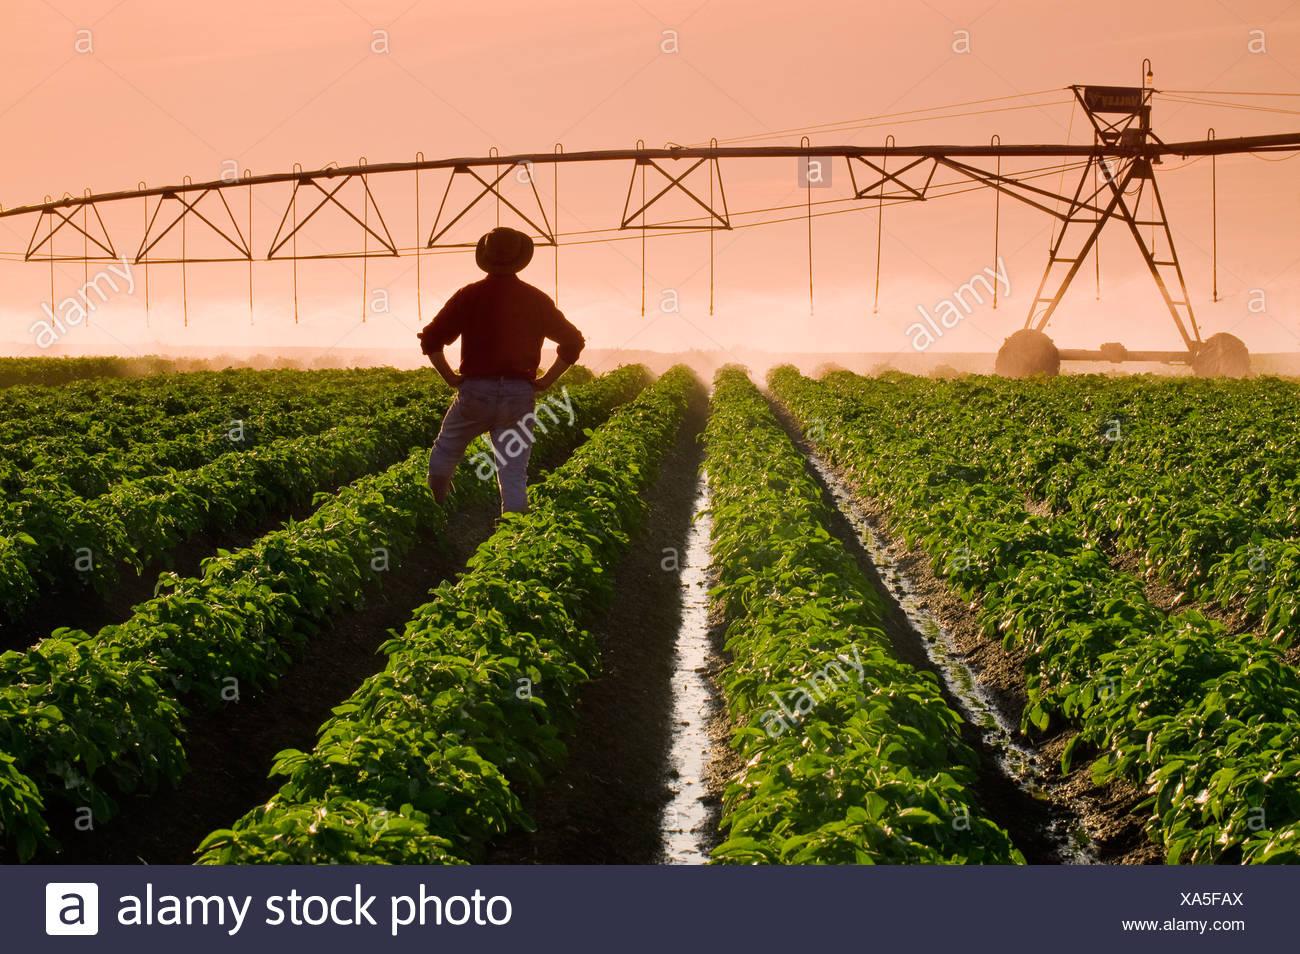 Ein Bauer steht in seiner Mitte Wachstum Kartoffelfeld ein Zentrum Pivot-Bewässerung-System in Betrieb im späten Nachmittag Licht zu beobachten. Stockbild